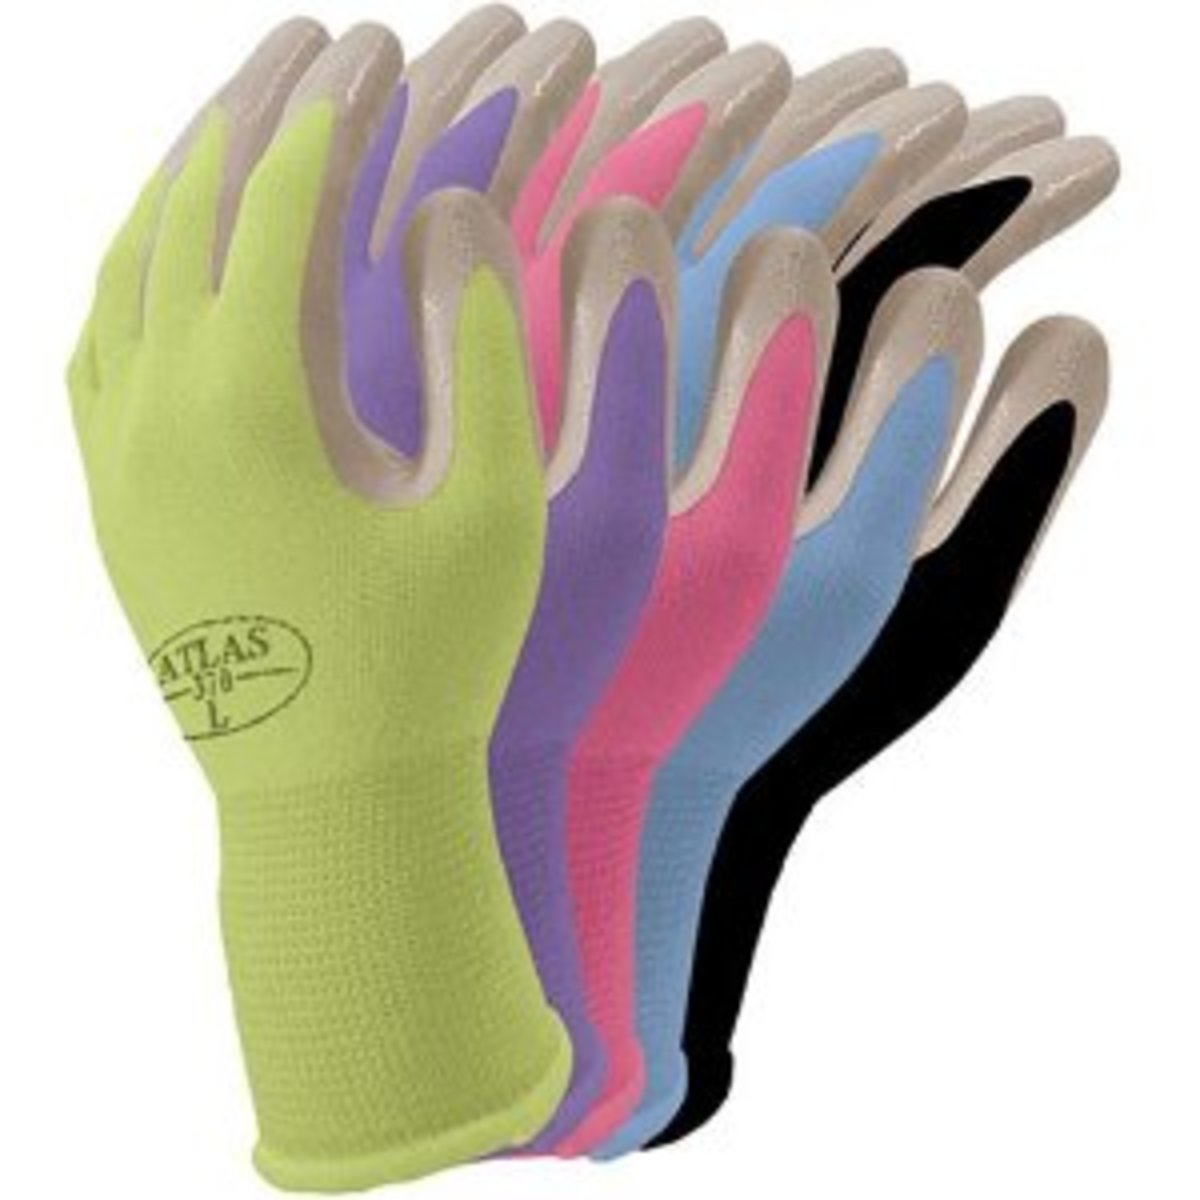 Atlas Nitrile Gardening and Work Gloves, Cornflower Blue, Medium